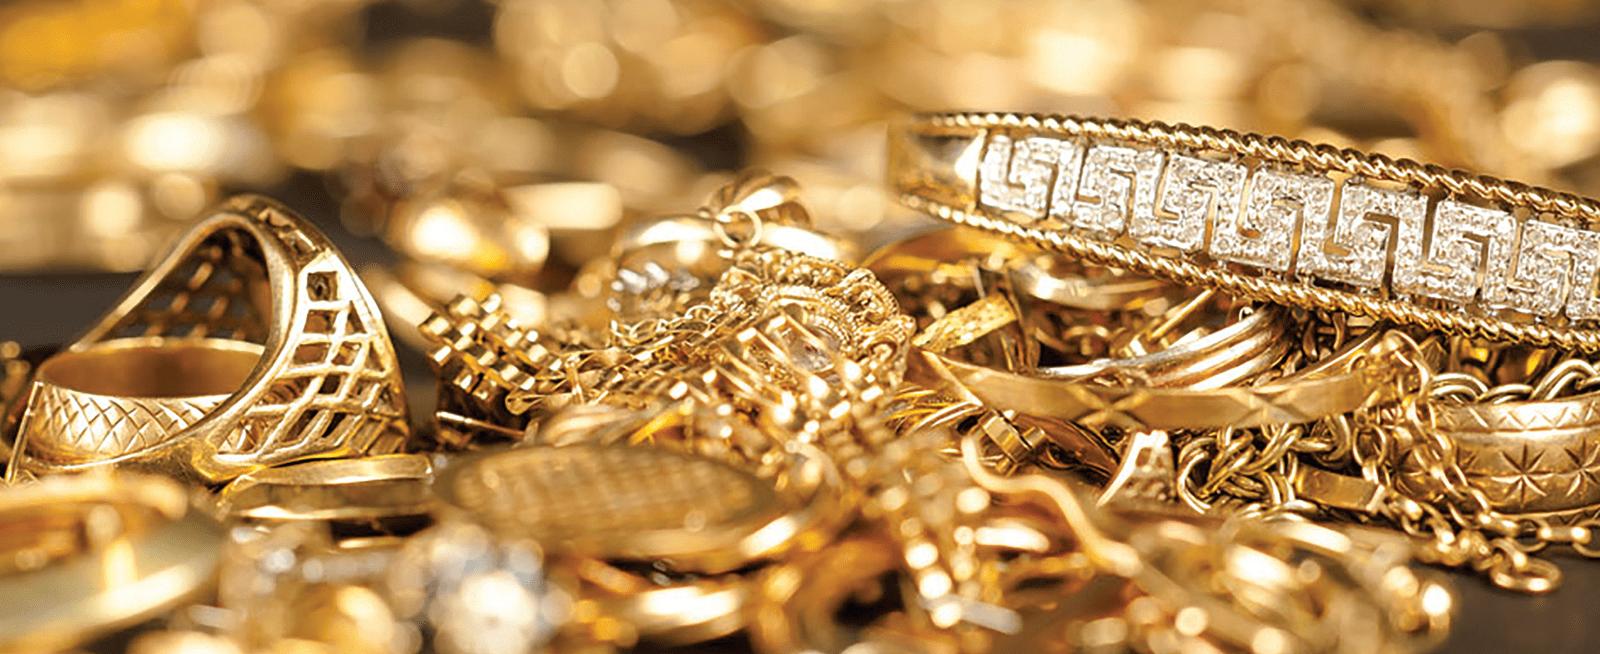 Цены на драгоценные металлы в изделиях и ломе, скупаемые у физических лиц